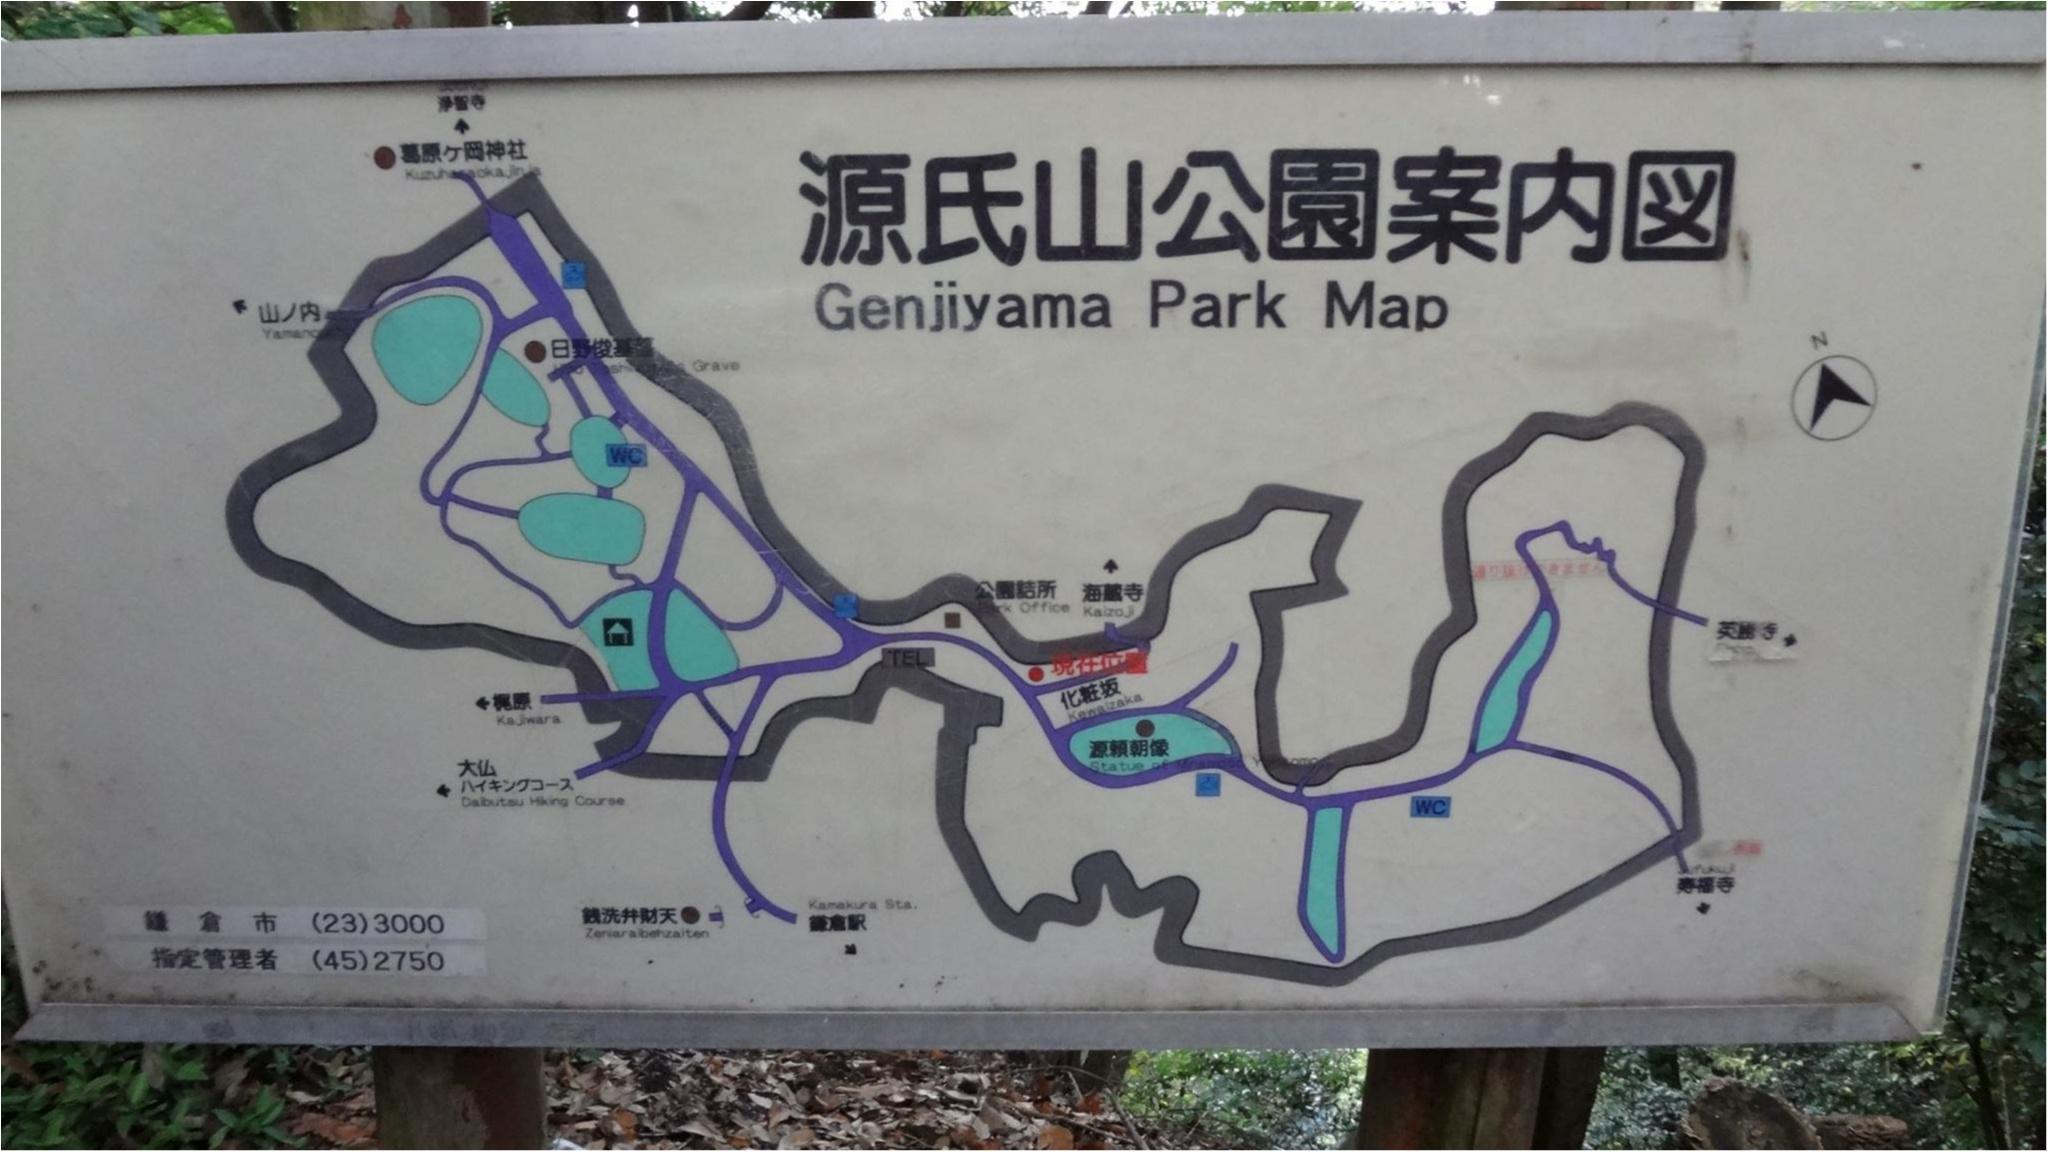 鎌倉にも紅葉の季節がやってきた♡11/20時点で見頃のオススメ紅葉スポットをご紹介✨≪samenyan≫_2